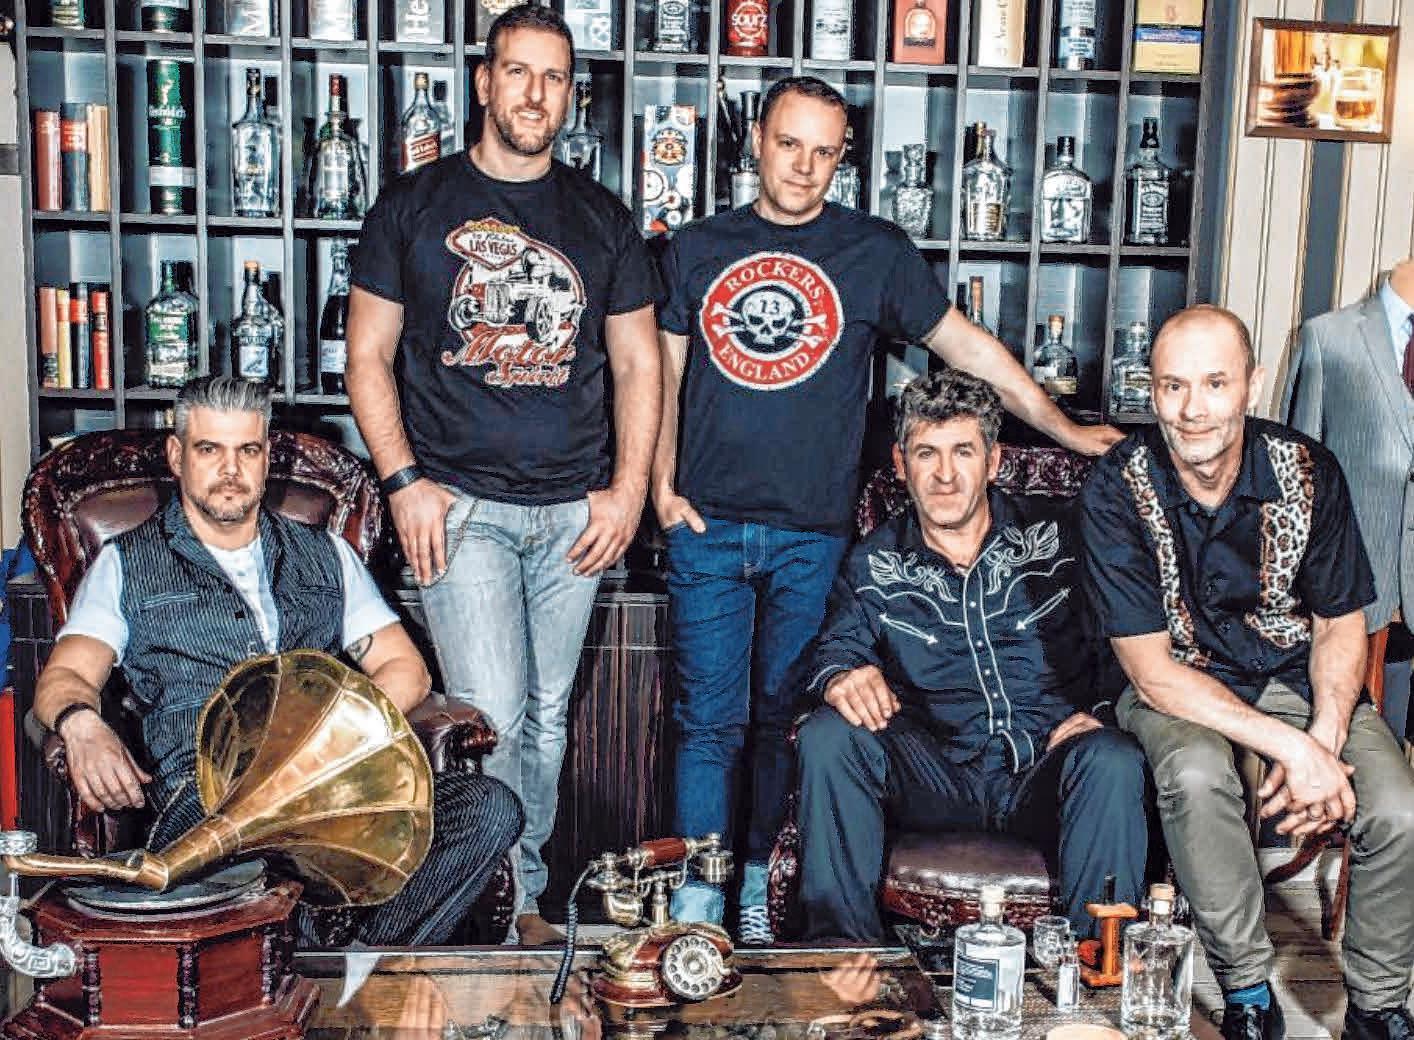 Bei der Kneipentour spielen die Primebeats Rockabilly-Klassiker.